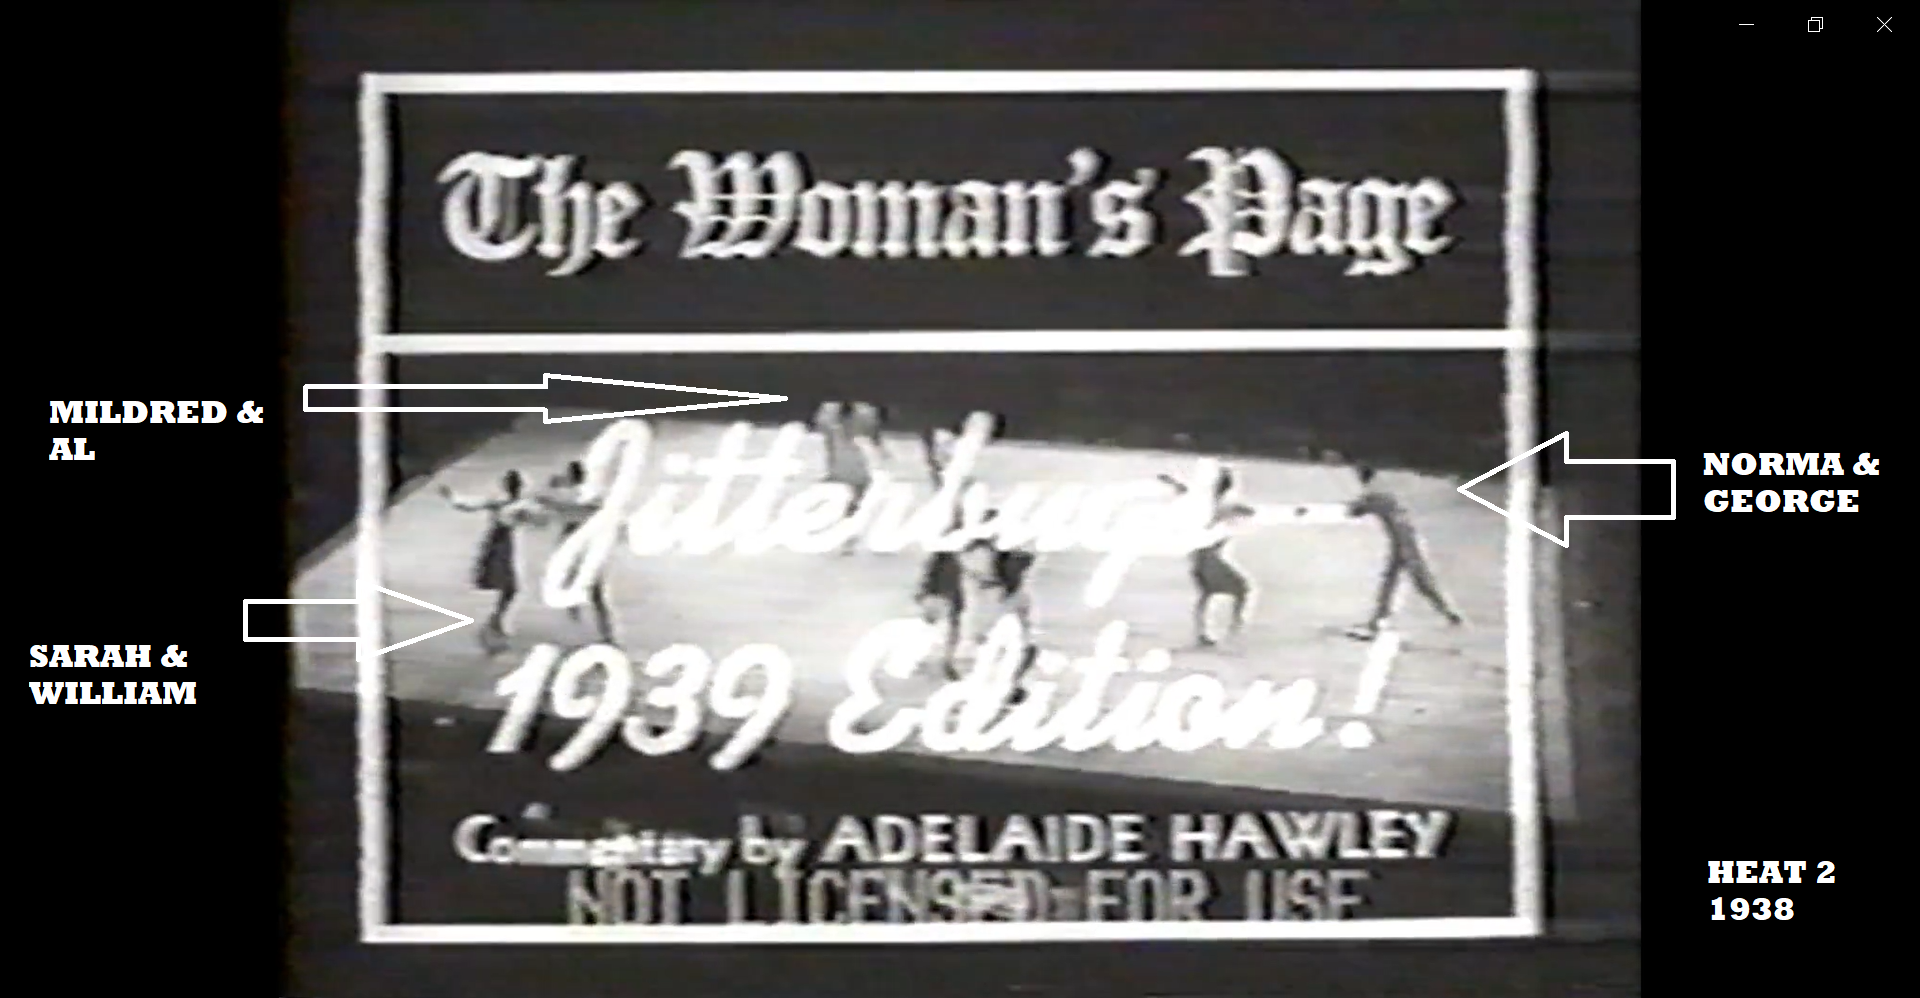 1939 HMB titale card 1938